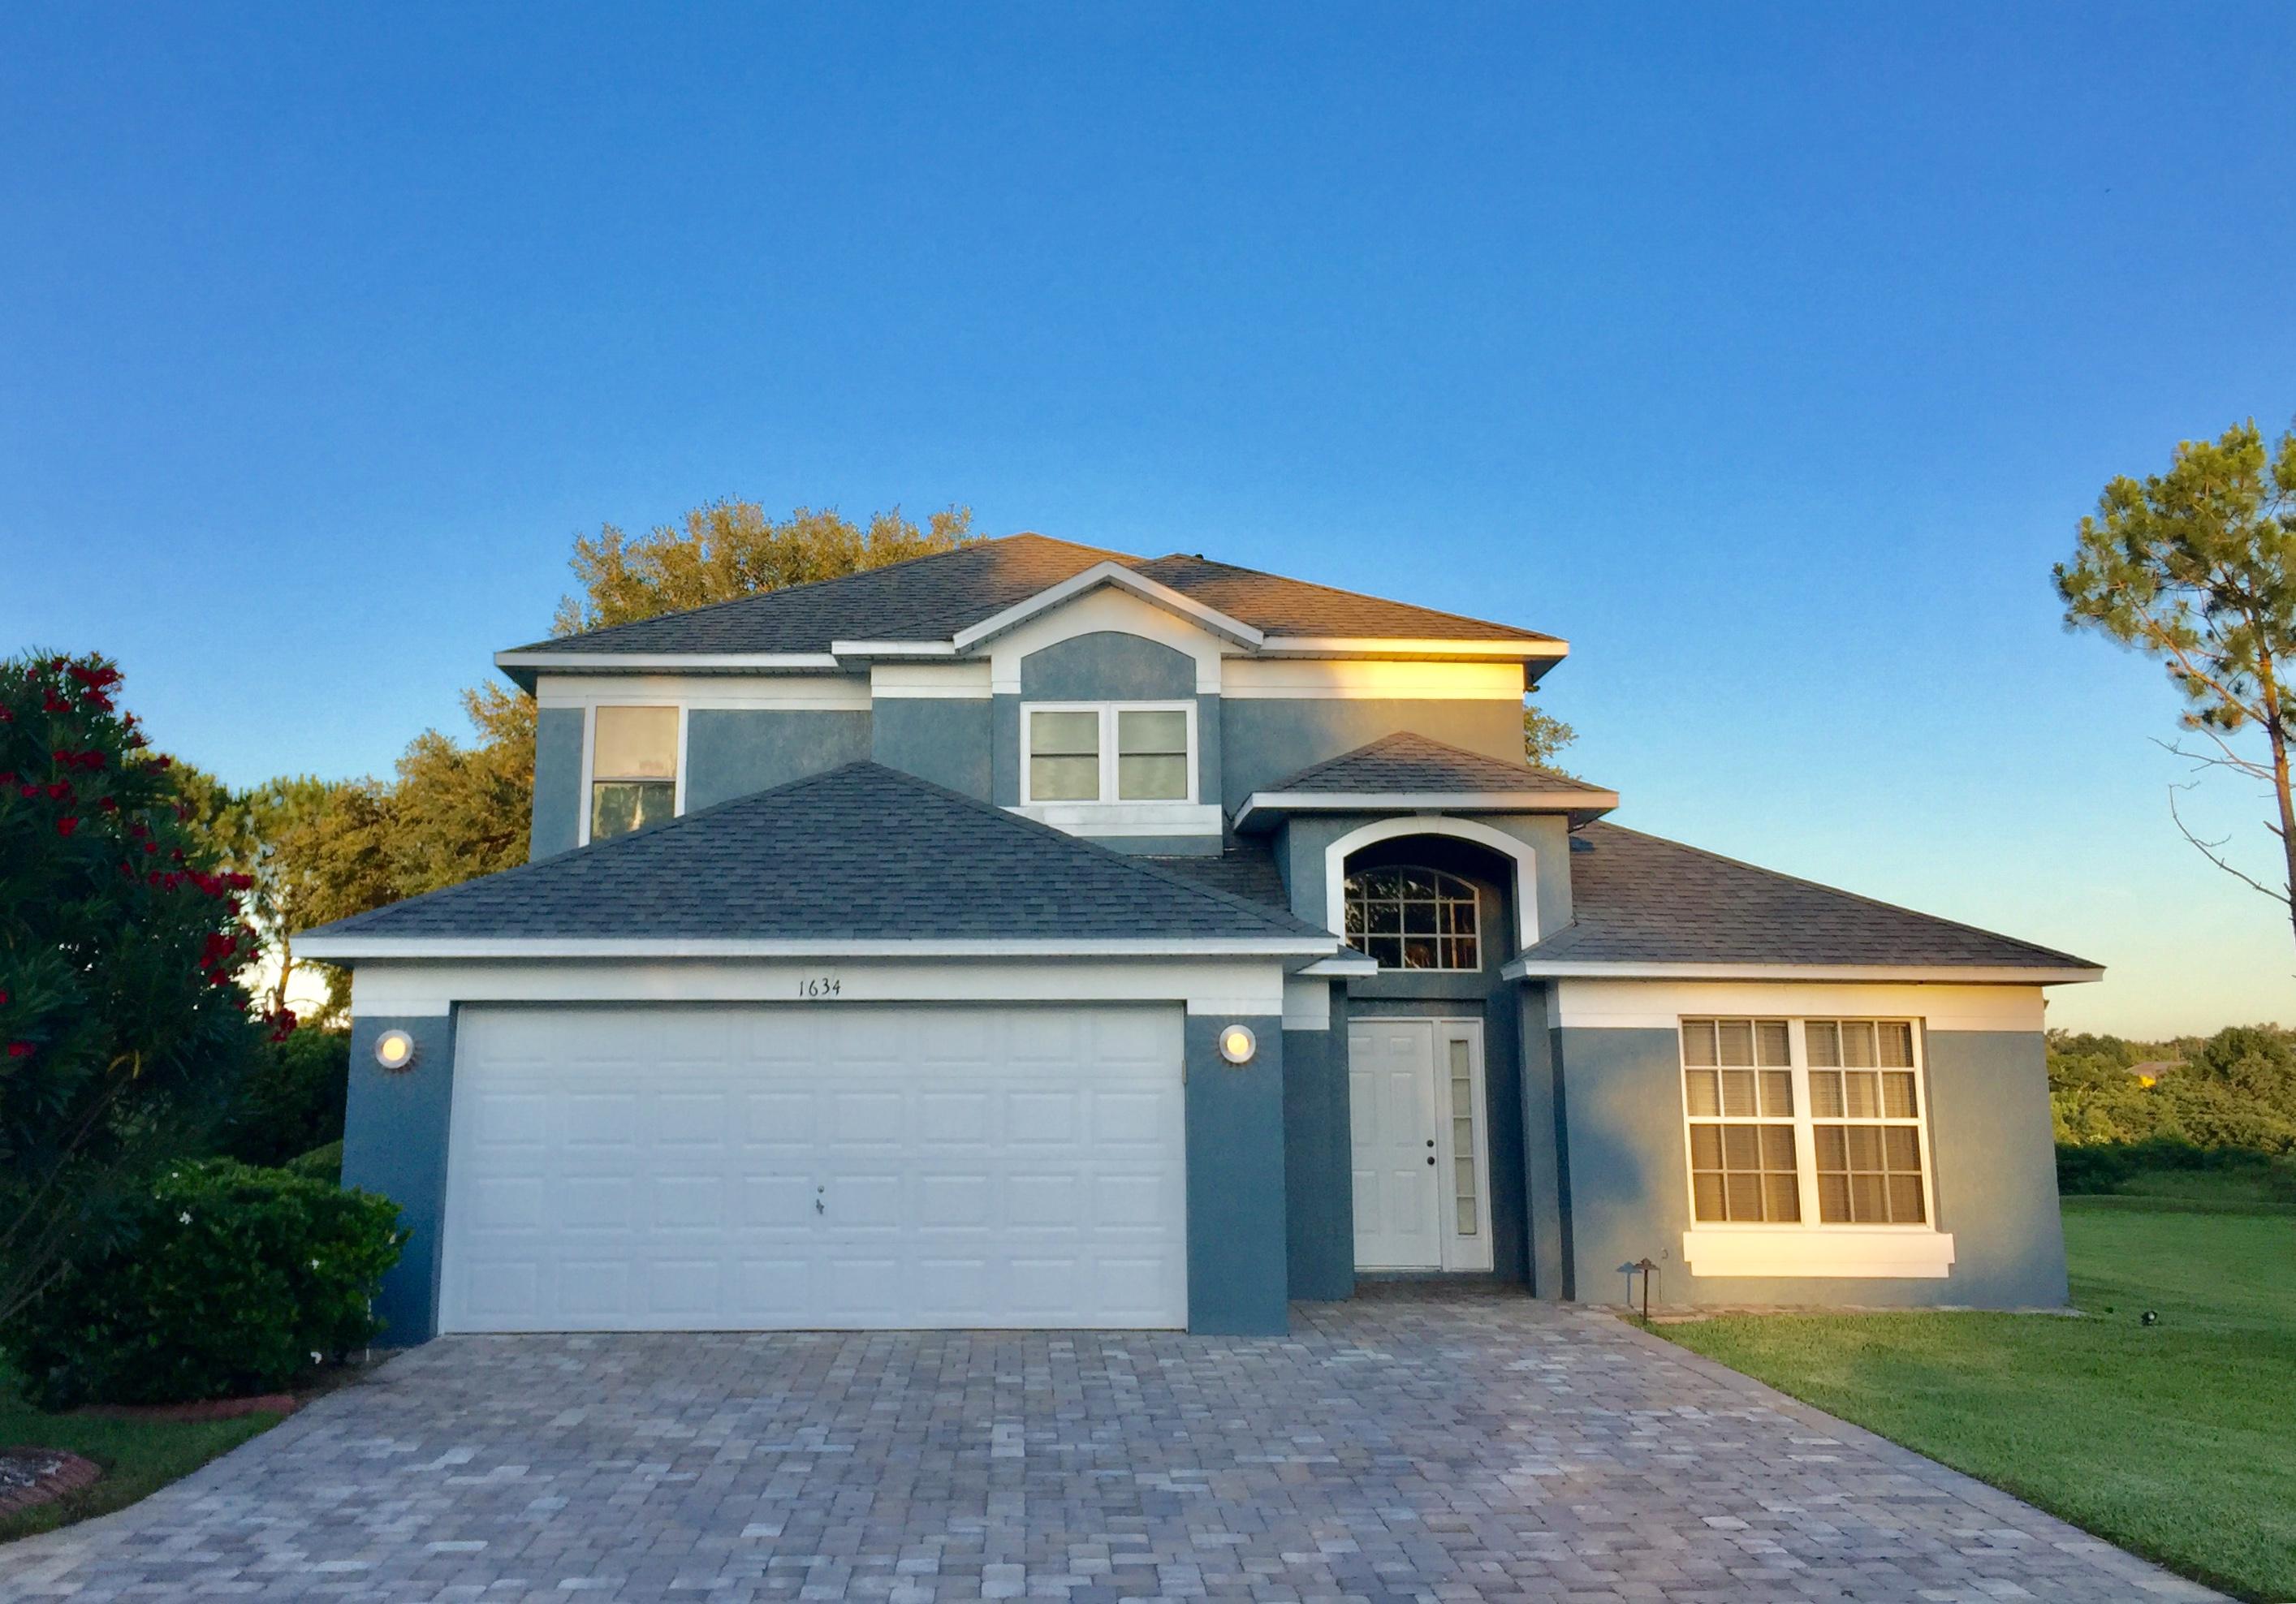 Patricks Villa, Das Ferienhaus in Orlando. Super schoen und guenstig